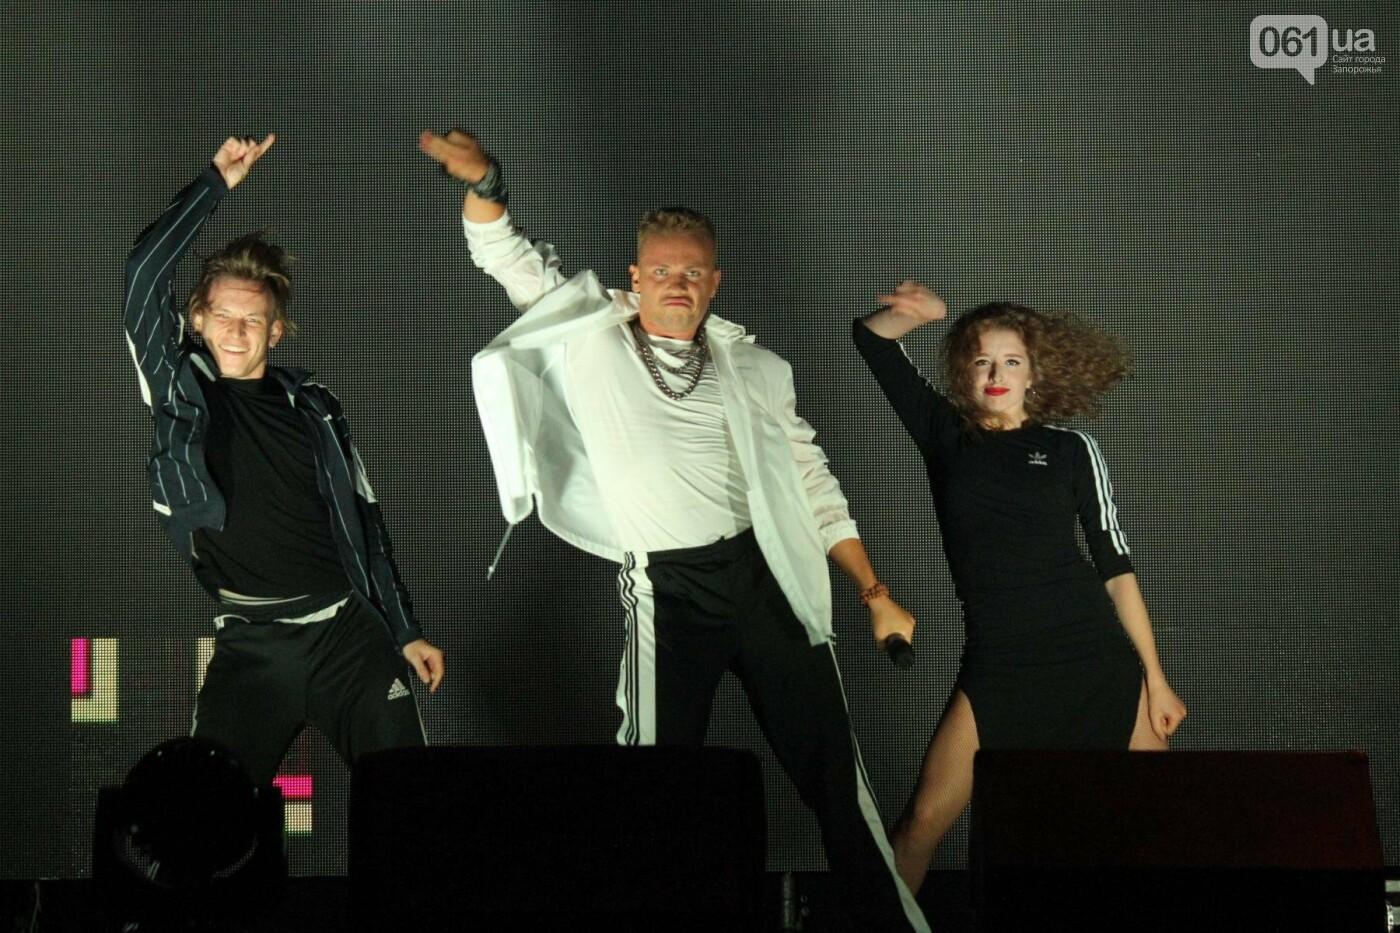 «Morphom» и «Constantine»: как в Запорожье прошел большой концерт ко Дню молодежи, – ФОТОРЕПОРТАЖ, фото-32